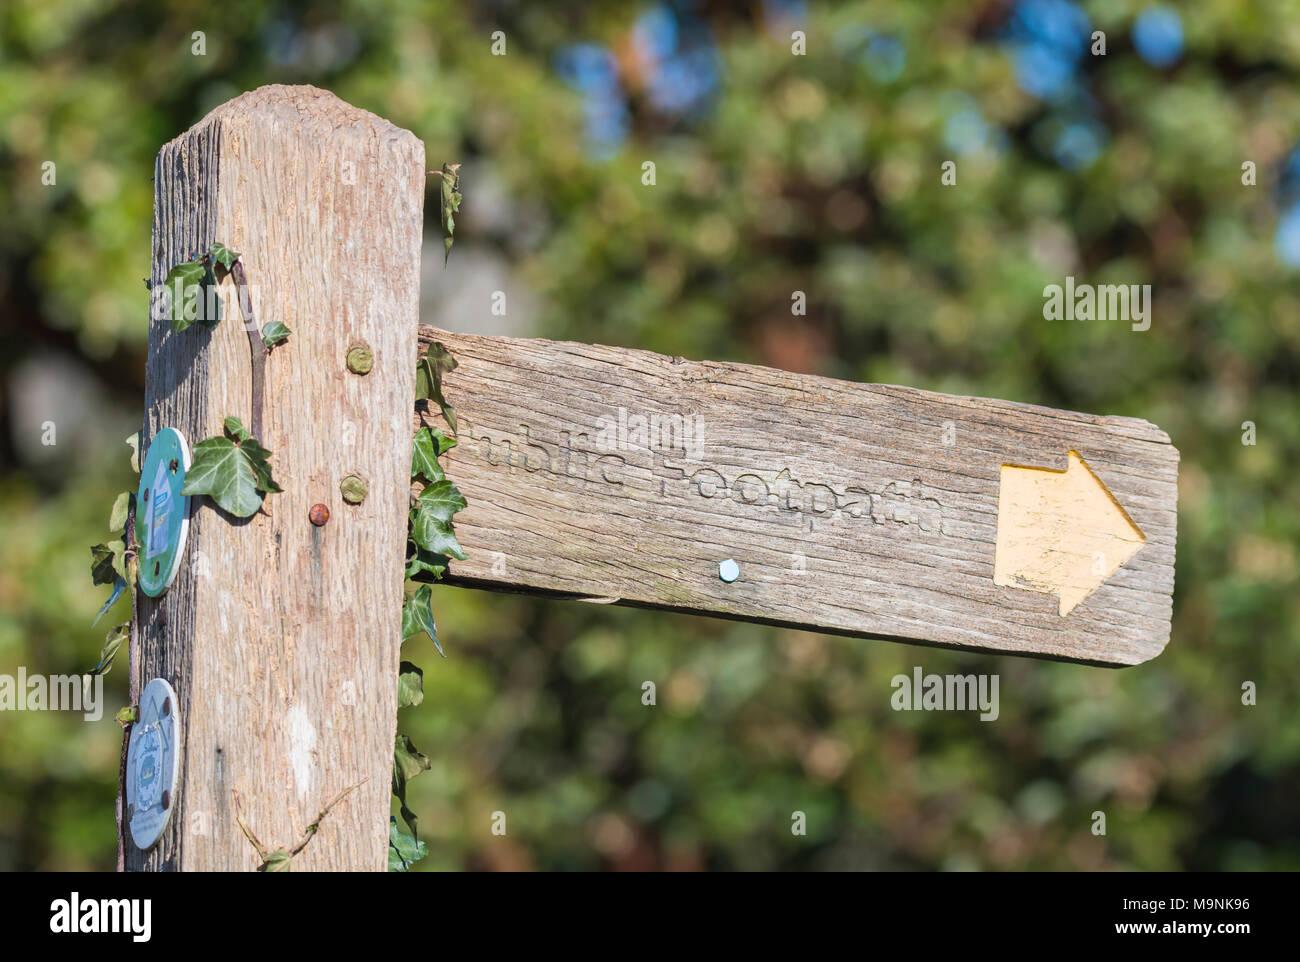 Holz- öffentlichen Fußweg finger post Zeichen in der Britischen Landschaft in England, Großbritannien. Stockbild